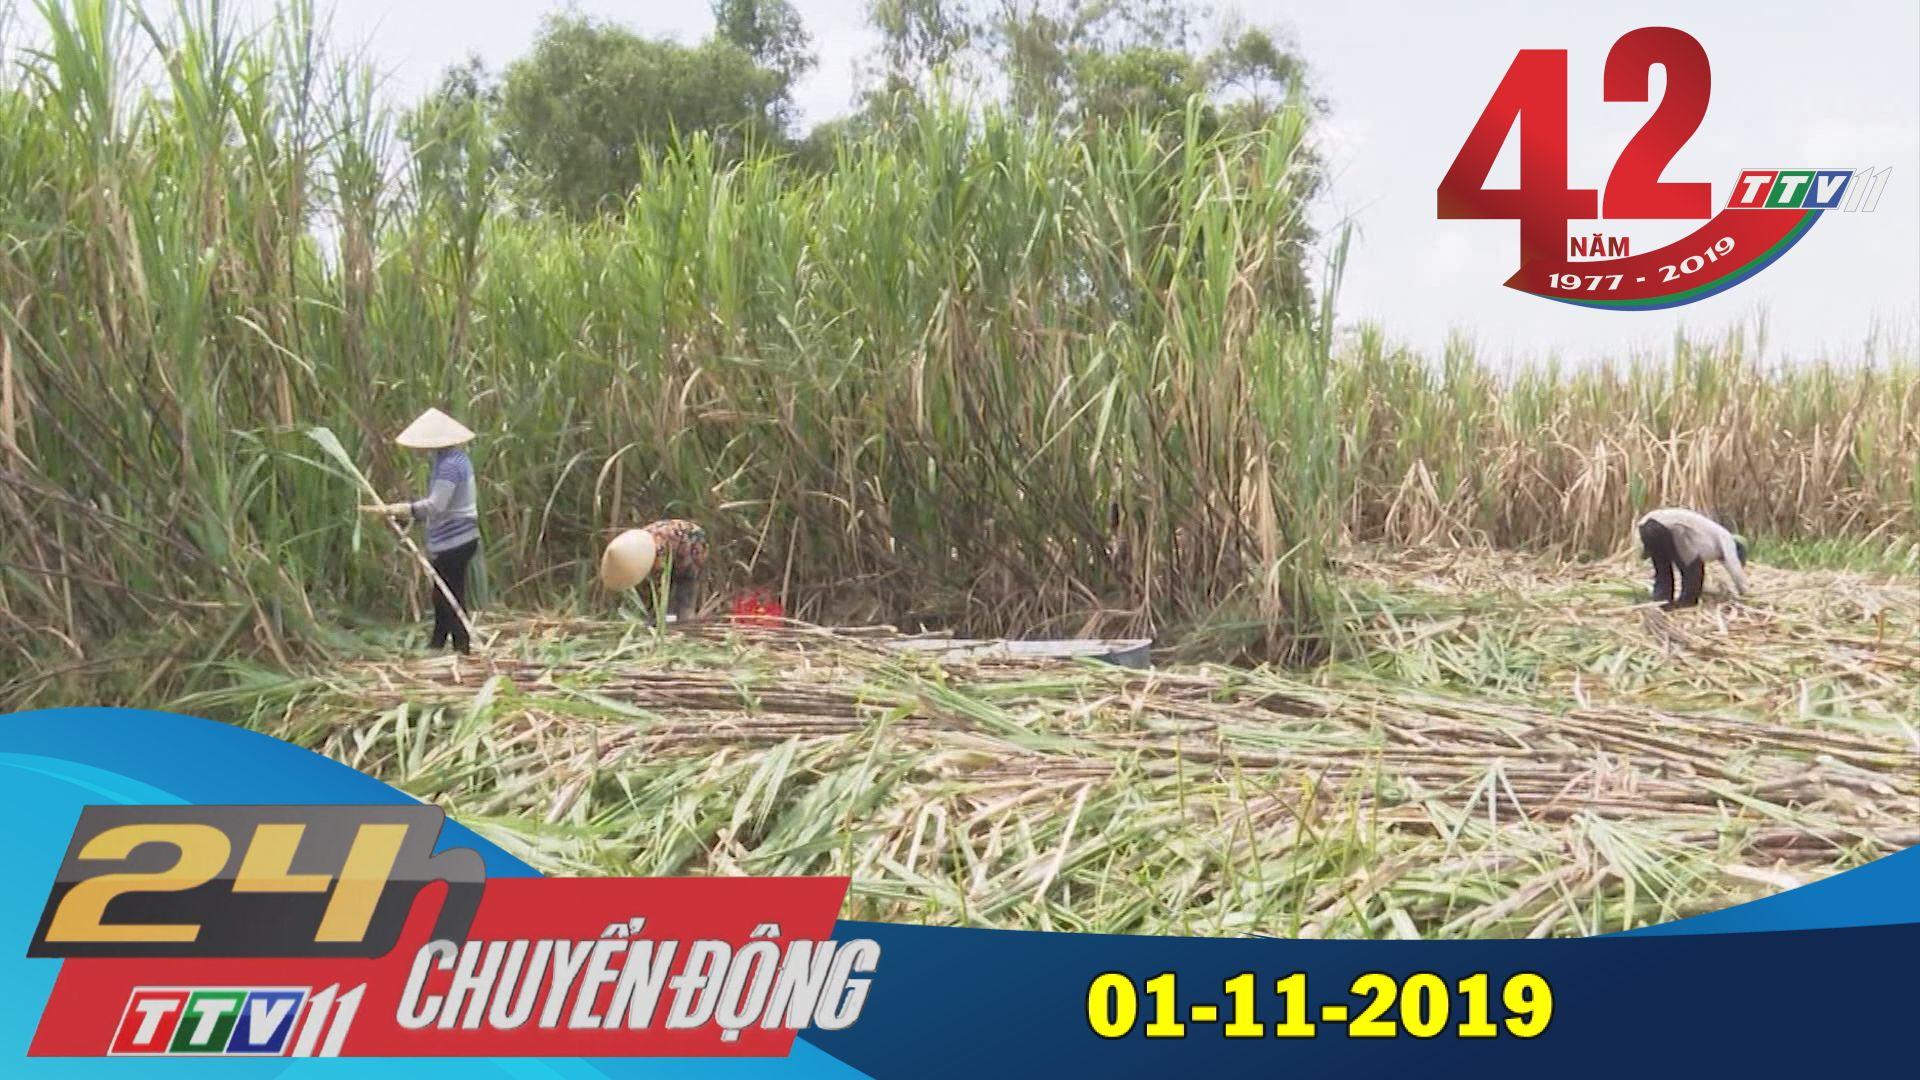 24h Chuyển động 01-11-2019 | Tin tức hôm nay | Tây Ninh TV